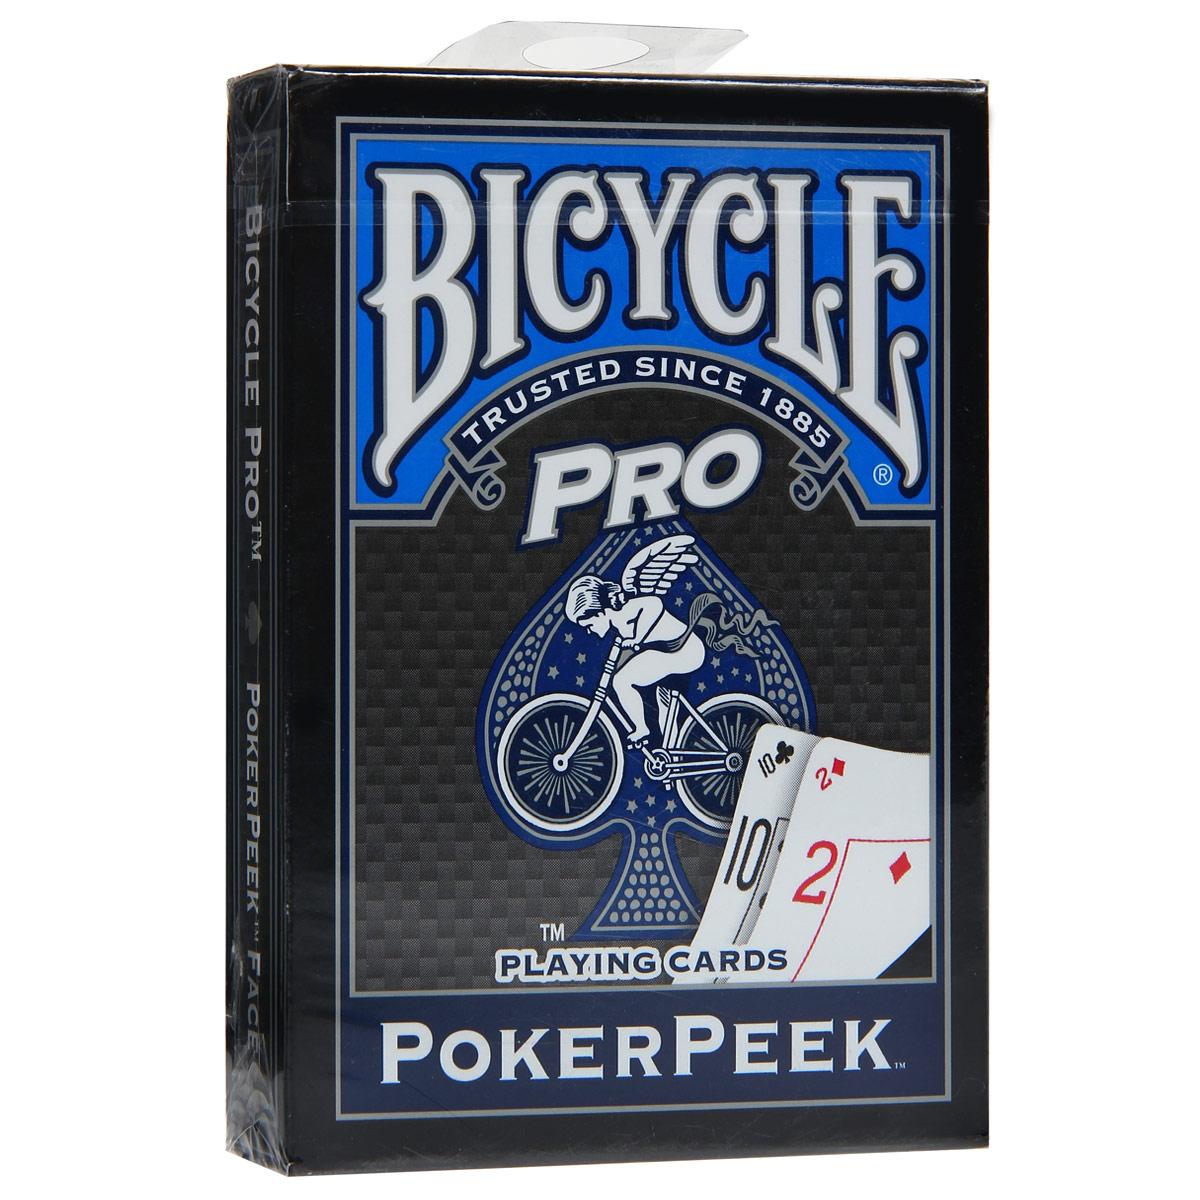 Карты игральные Bicycle Pro Poker Peek, цвет: синий, 54 карты. 9113с9113сИгральные карты Байсикл Про ПокерПик с рубашкой синего цвета подходят для игры в покер. Крупный индекс в двух углах. Карты имеют очень гладкую поверхность, высококачественный пластик и стандартный размер poker.